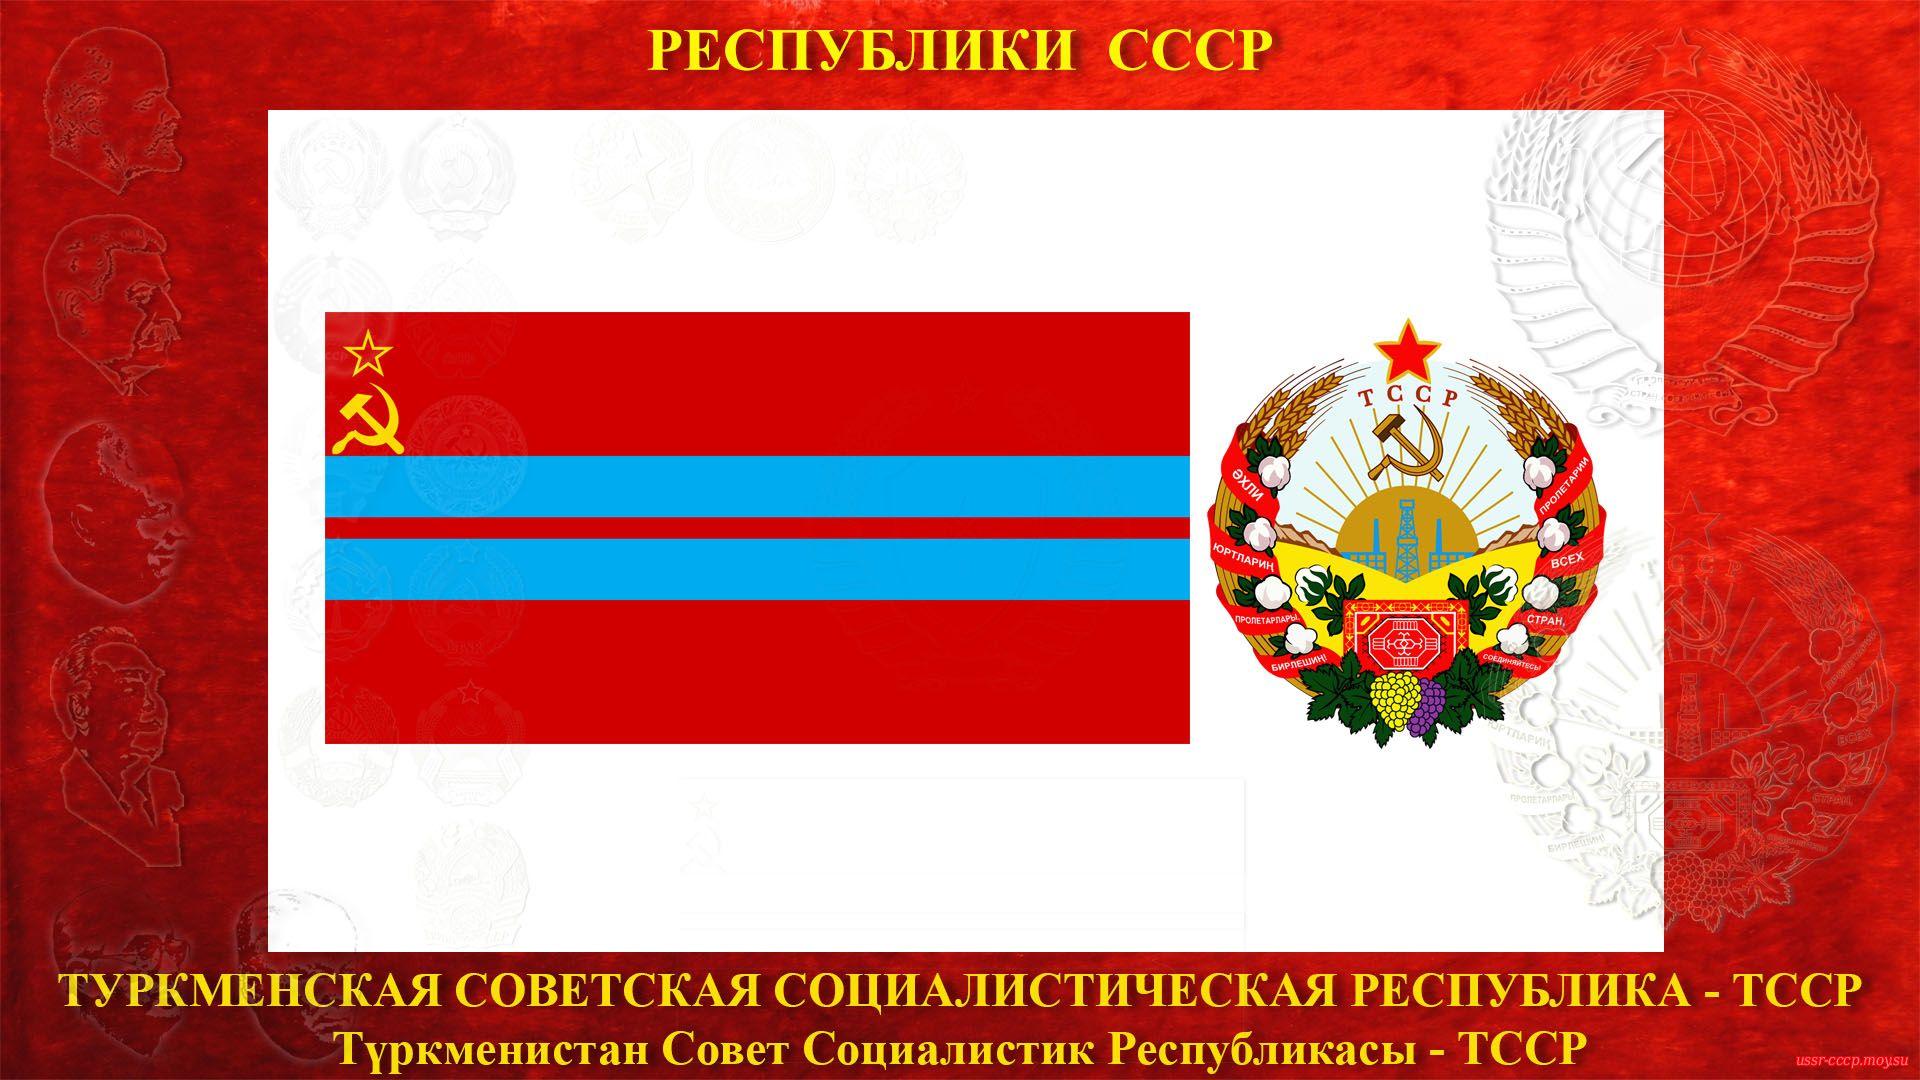 ТССР — Туркменская Советская Социалистическая Республика (27.10.1924 — де-юре)